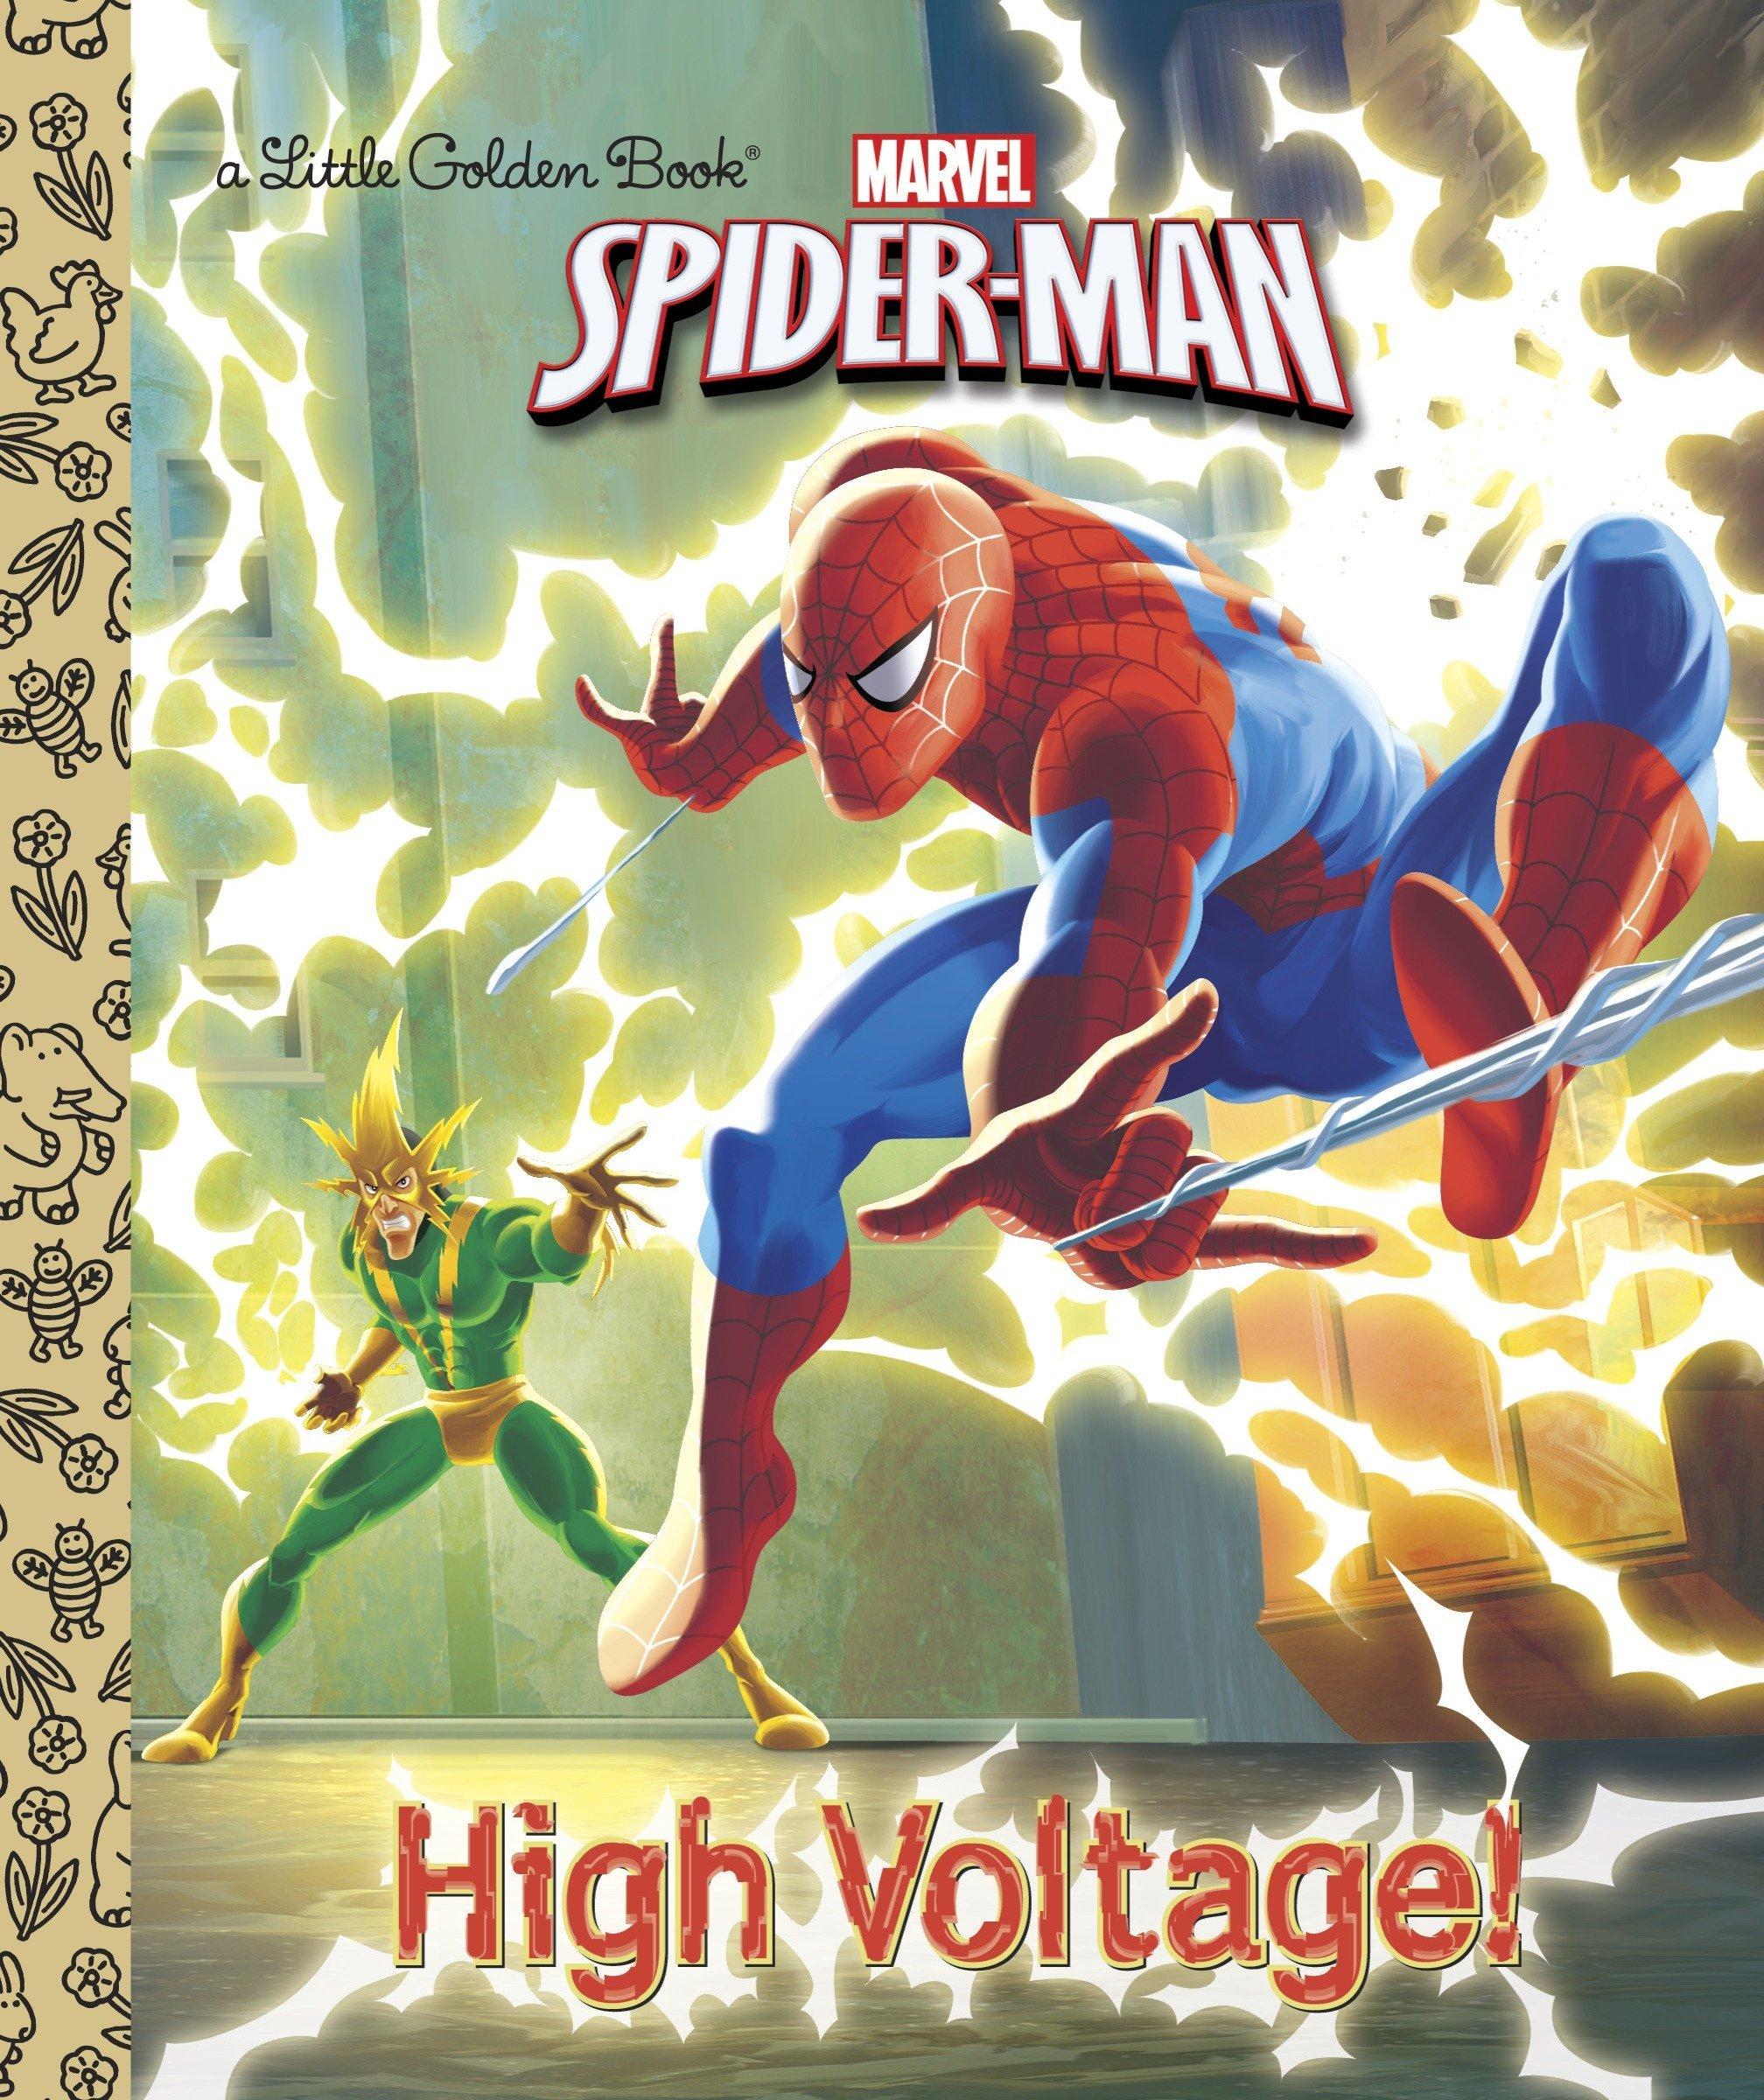 High Voltage! (Marvel Spider-man: Little Golden Books)